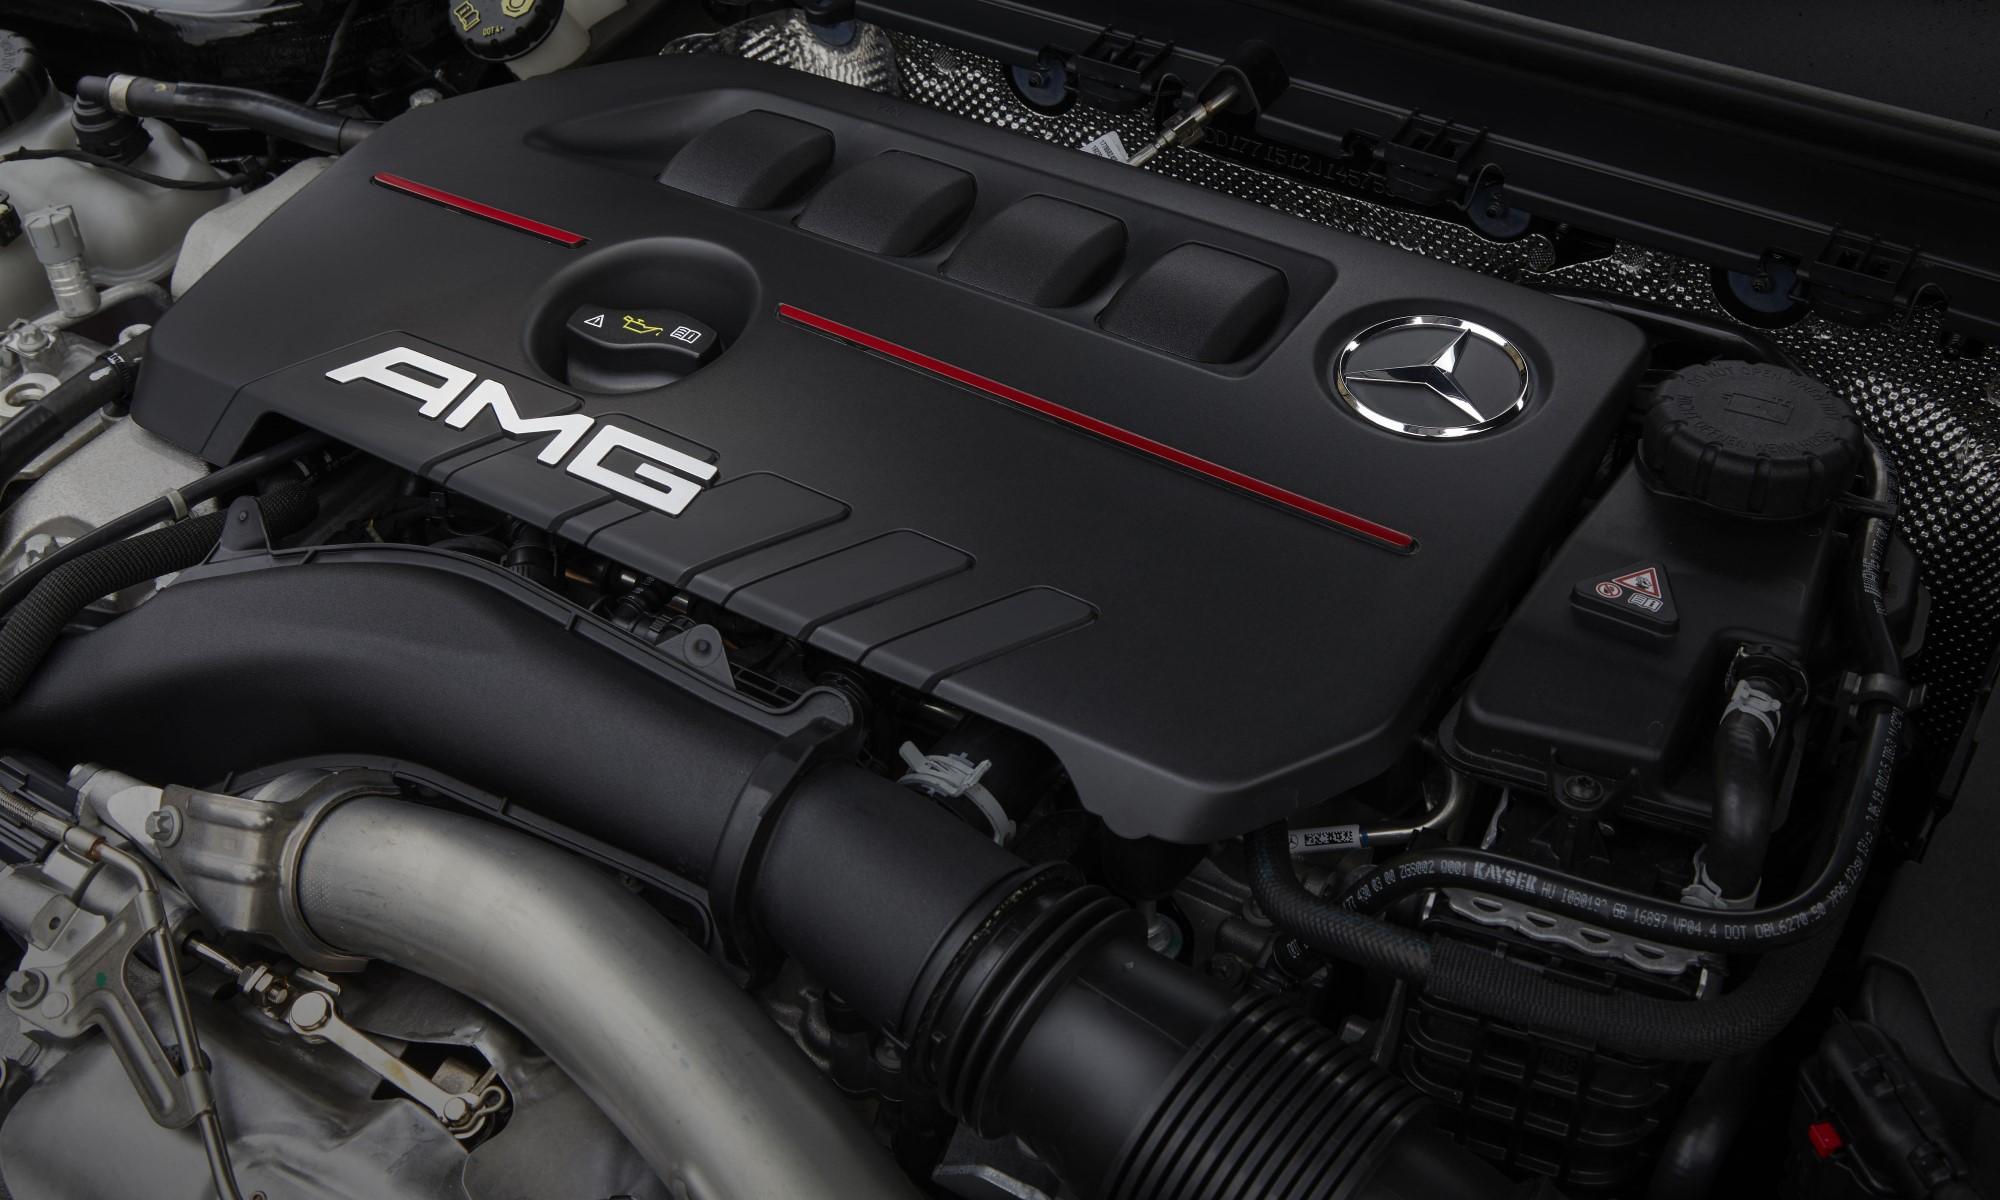 Mercedes-AMG A35 Sedan engine